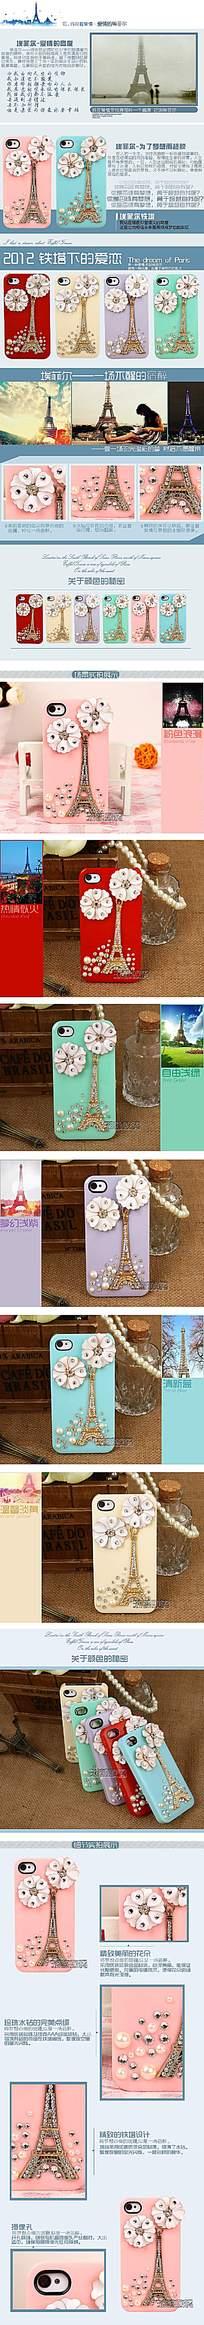 彩色埃菲尔铁塔手机壳商品详情